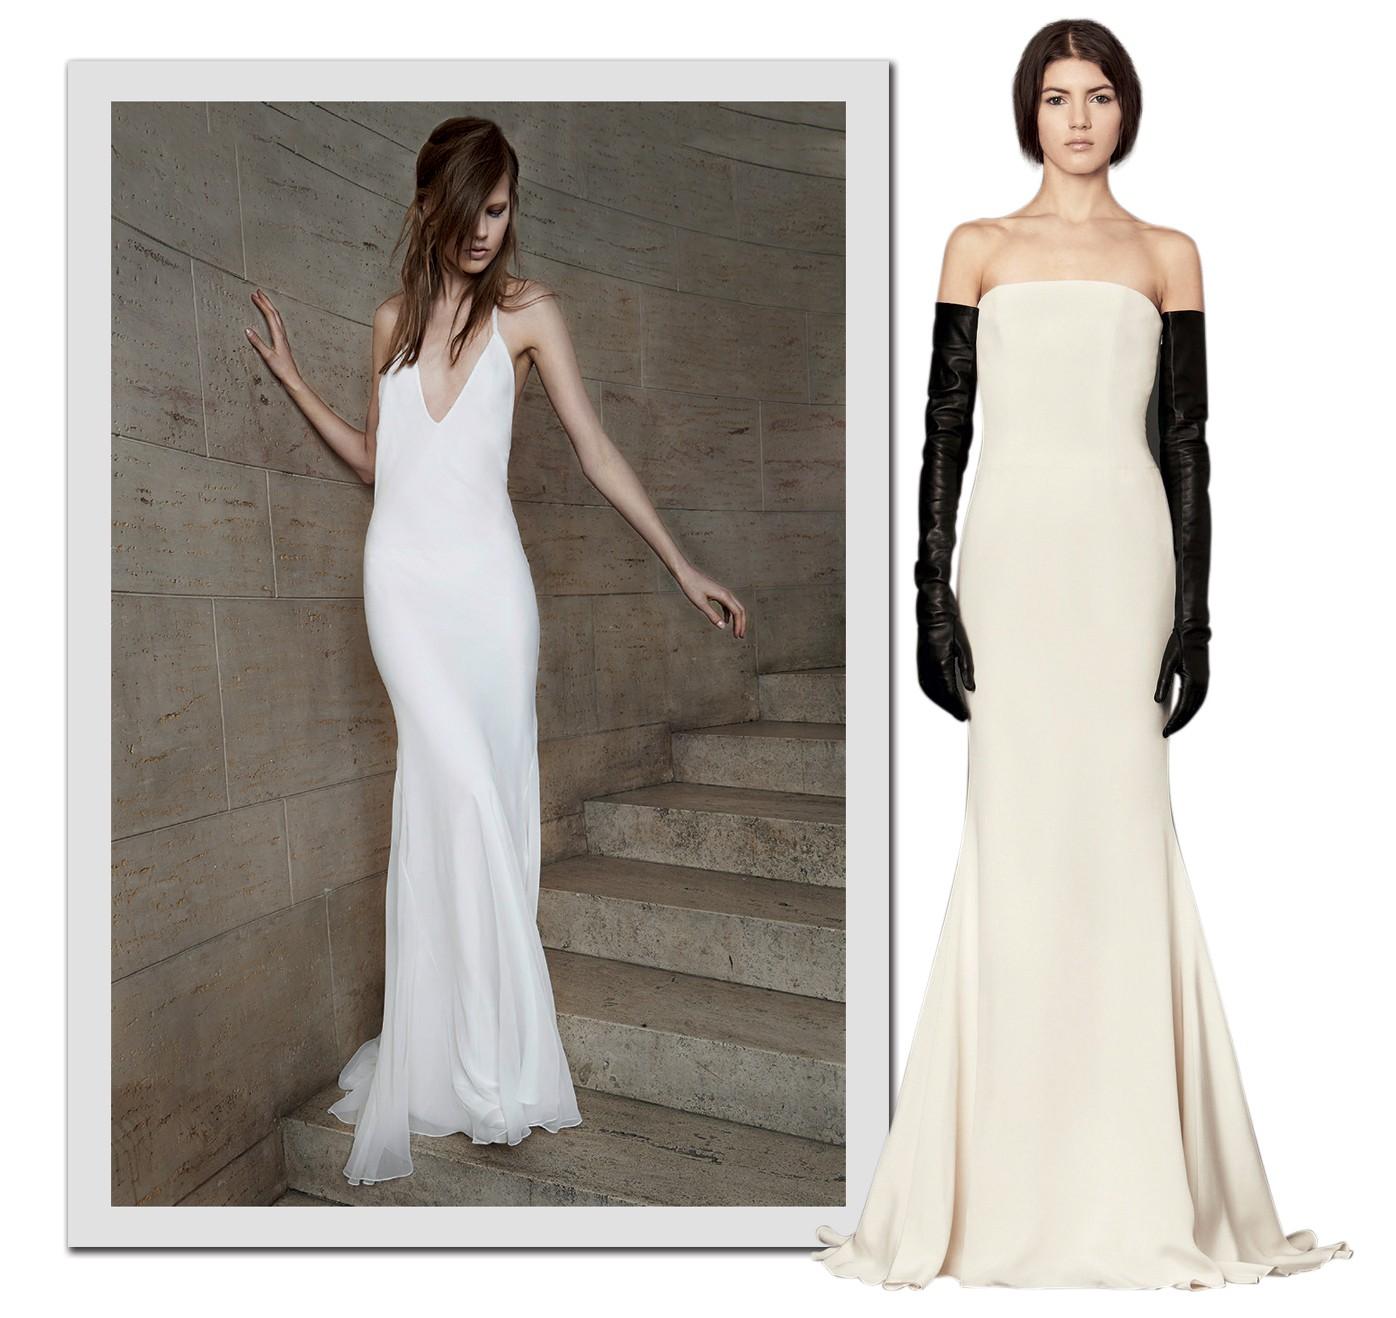 Passarela Clean: Nas �ltimas temporadas, Vera Wang tamb�m incluiu modelos minimalistas em suas cole��es bridal (Foto: Getty Images, Cond� Nast Digita L Archive e Divulga��o)